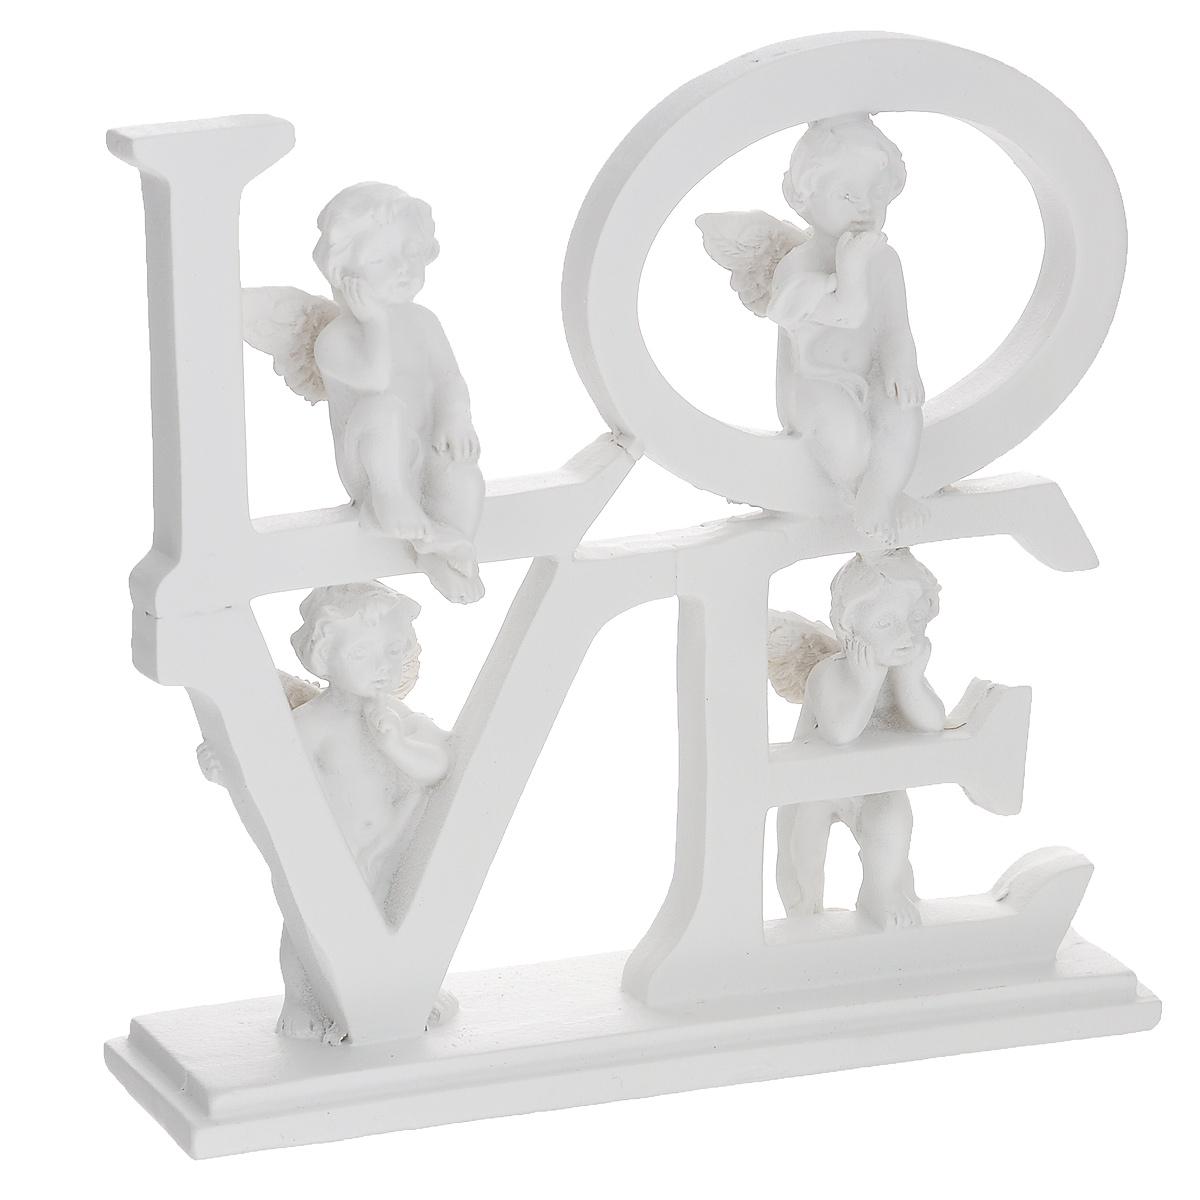 Фигурка декоративная Четыре ангела, цвет: белый. 3667436674Очаровательная фигурка Четыре ангела станет оригинальным подарком для всех любителей стильных вещей. Она выполнена из полирезины в виде четырех разных ангелов. Изысканный сувенир станет прекрасным дополнением к интерьеру. Вы можете поставить фигурку в любом месте, где она будет удачно смотреться, и радовать глаз.